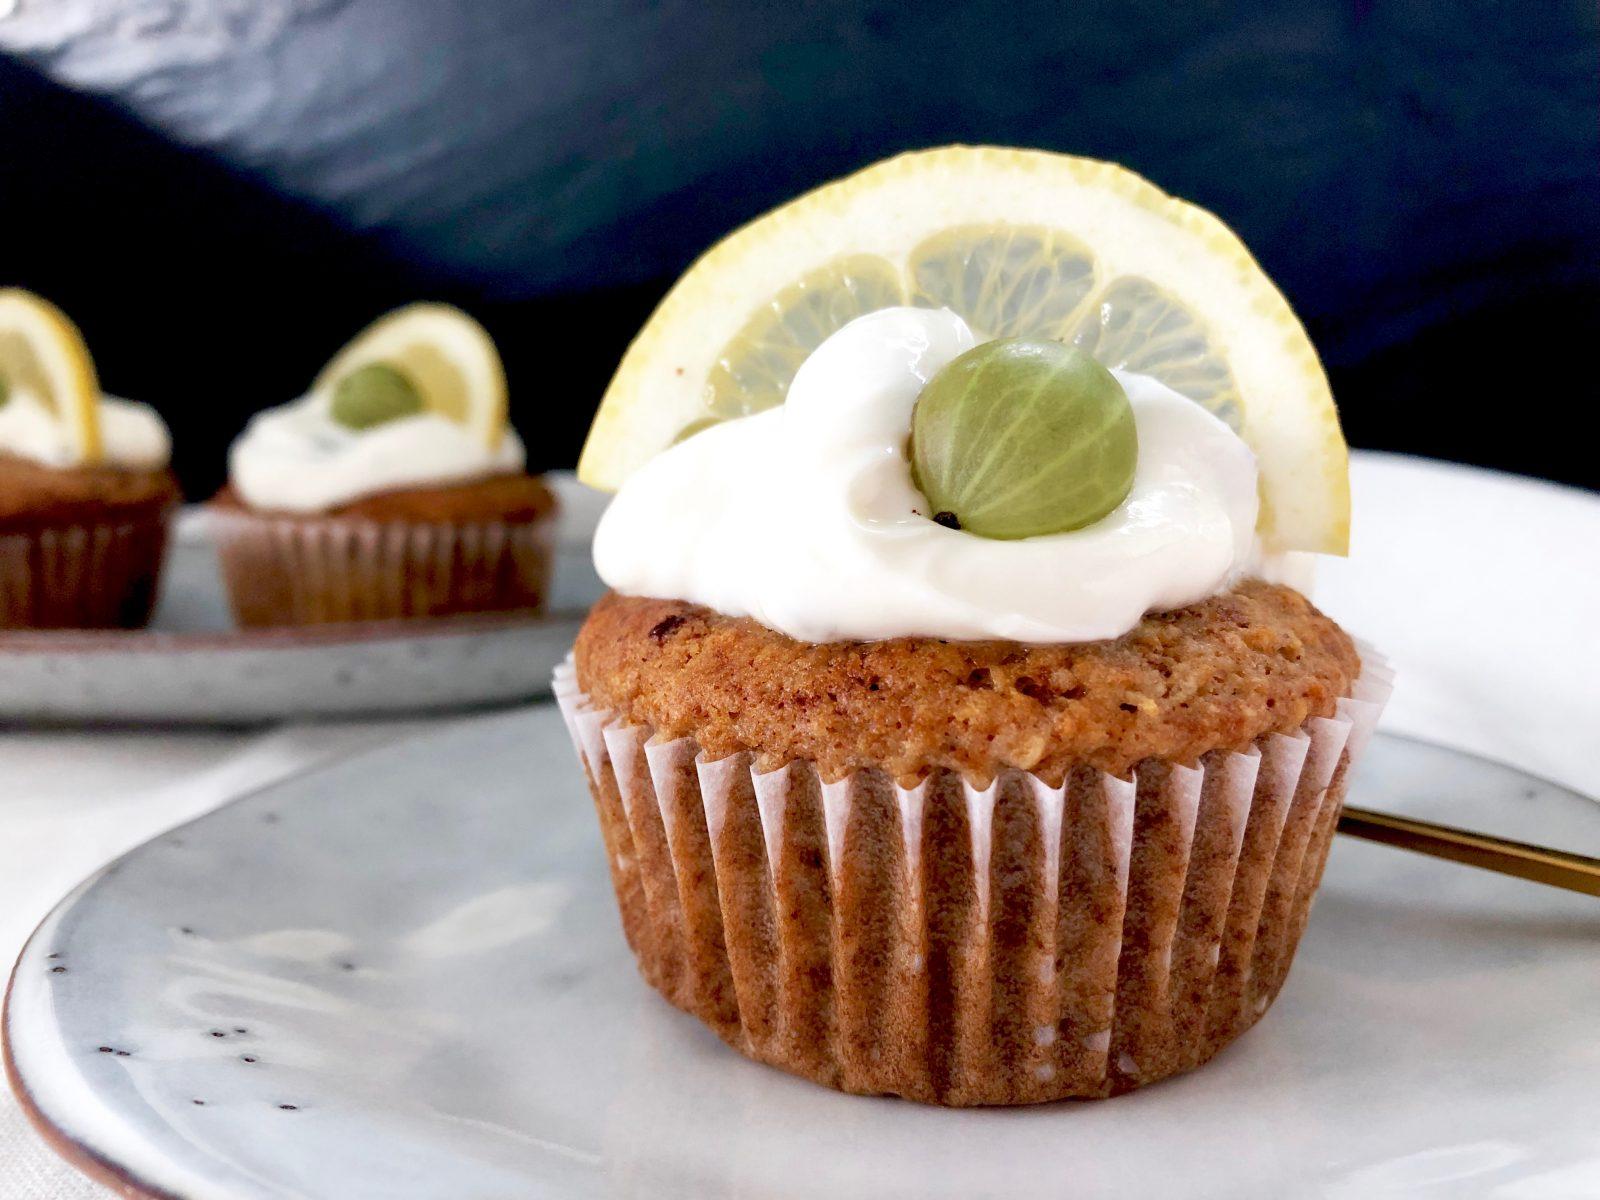 Alleskönner Zitrone, Zitronenwasser und zauberhafte Zitronenmuffins mit Stachelbeeren und einem sagenhaft cremigen Topping